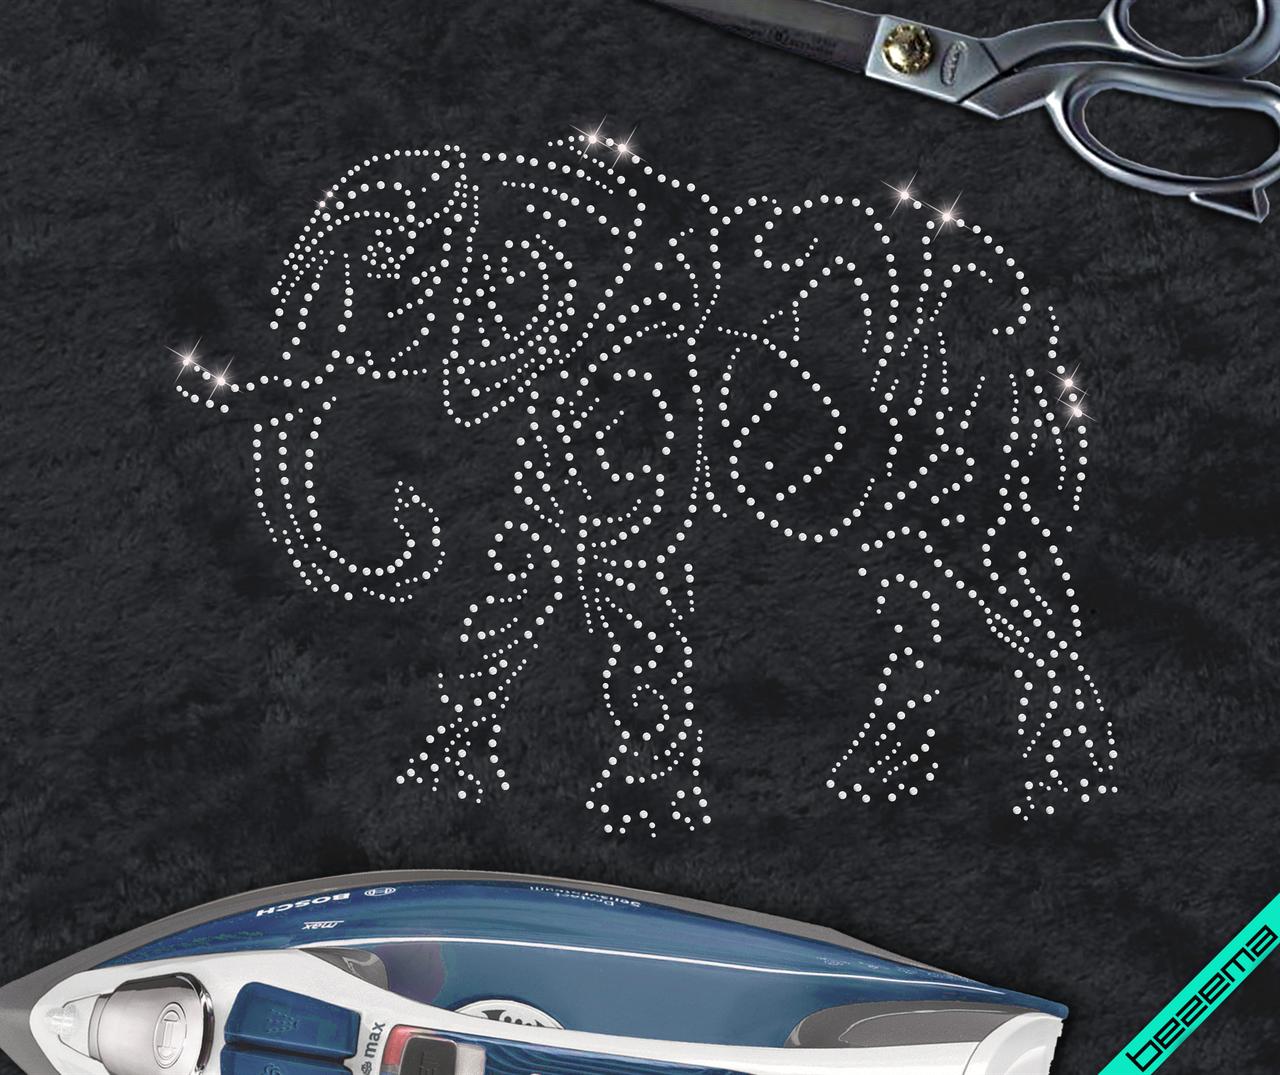 Дизайн на кеды Слон (Стекло,2мм-гем.,3мм-гем.,4мм-гем.)